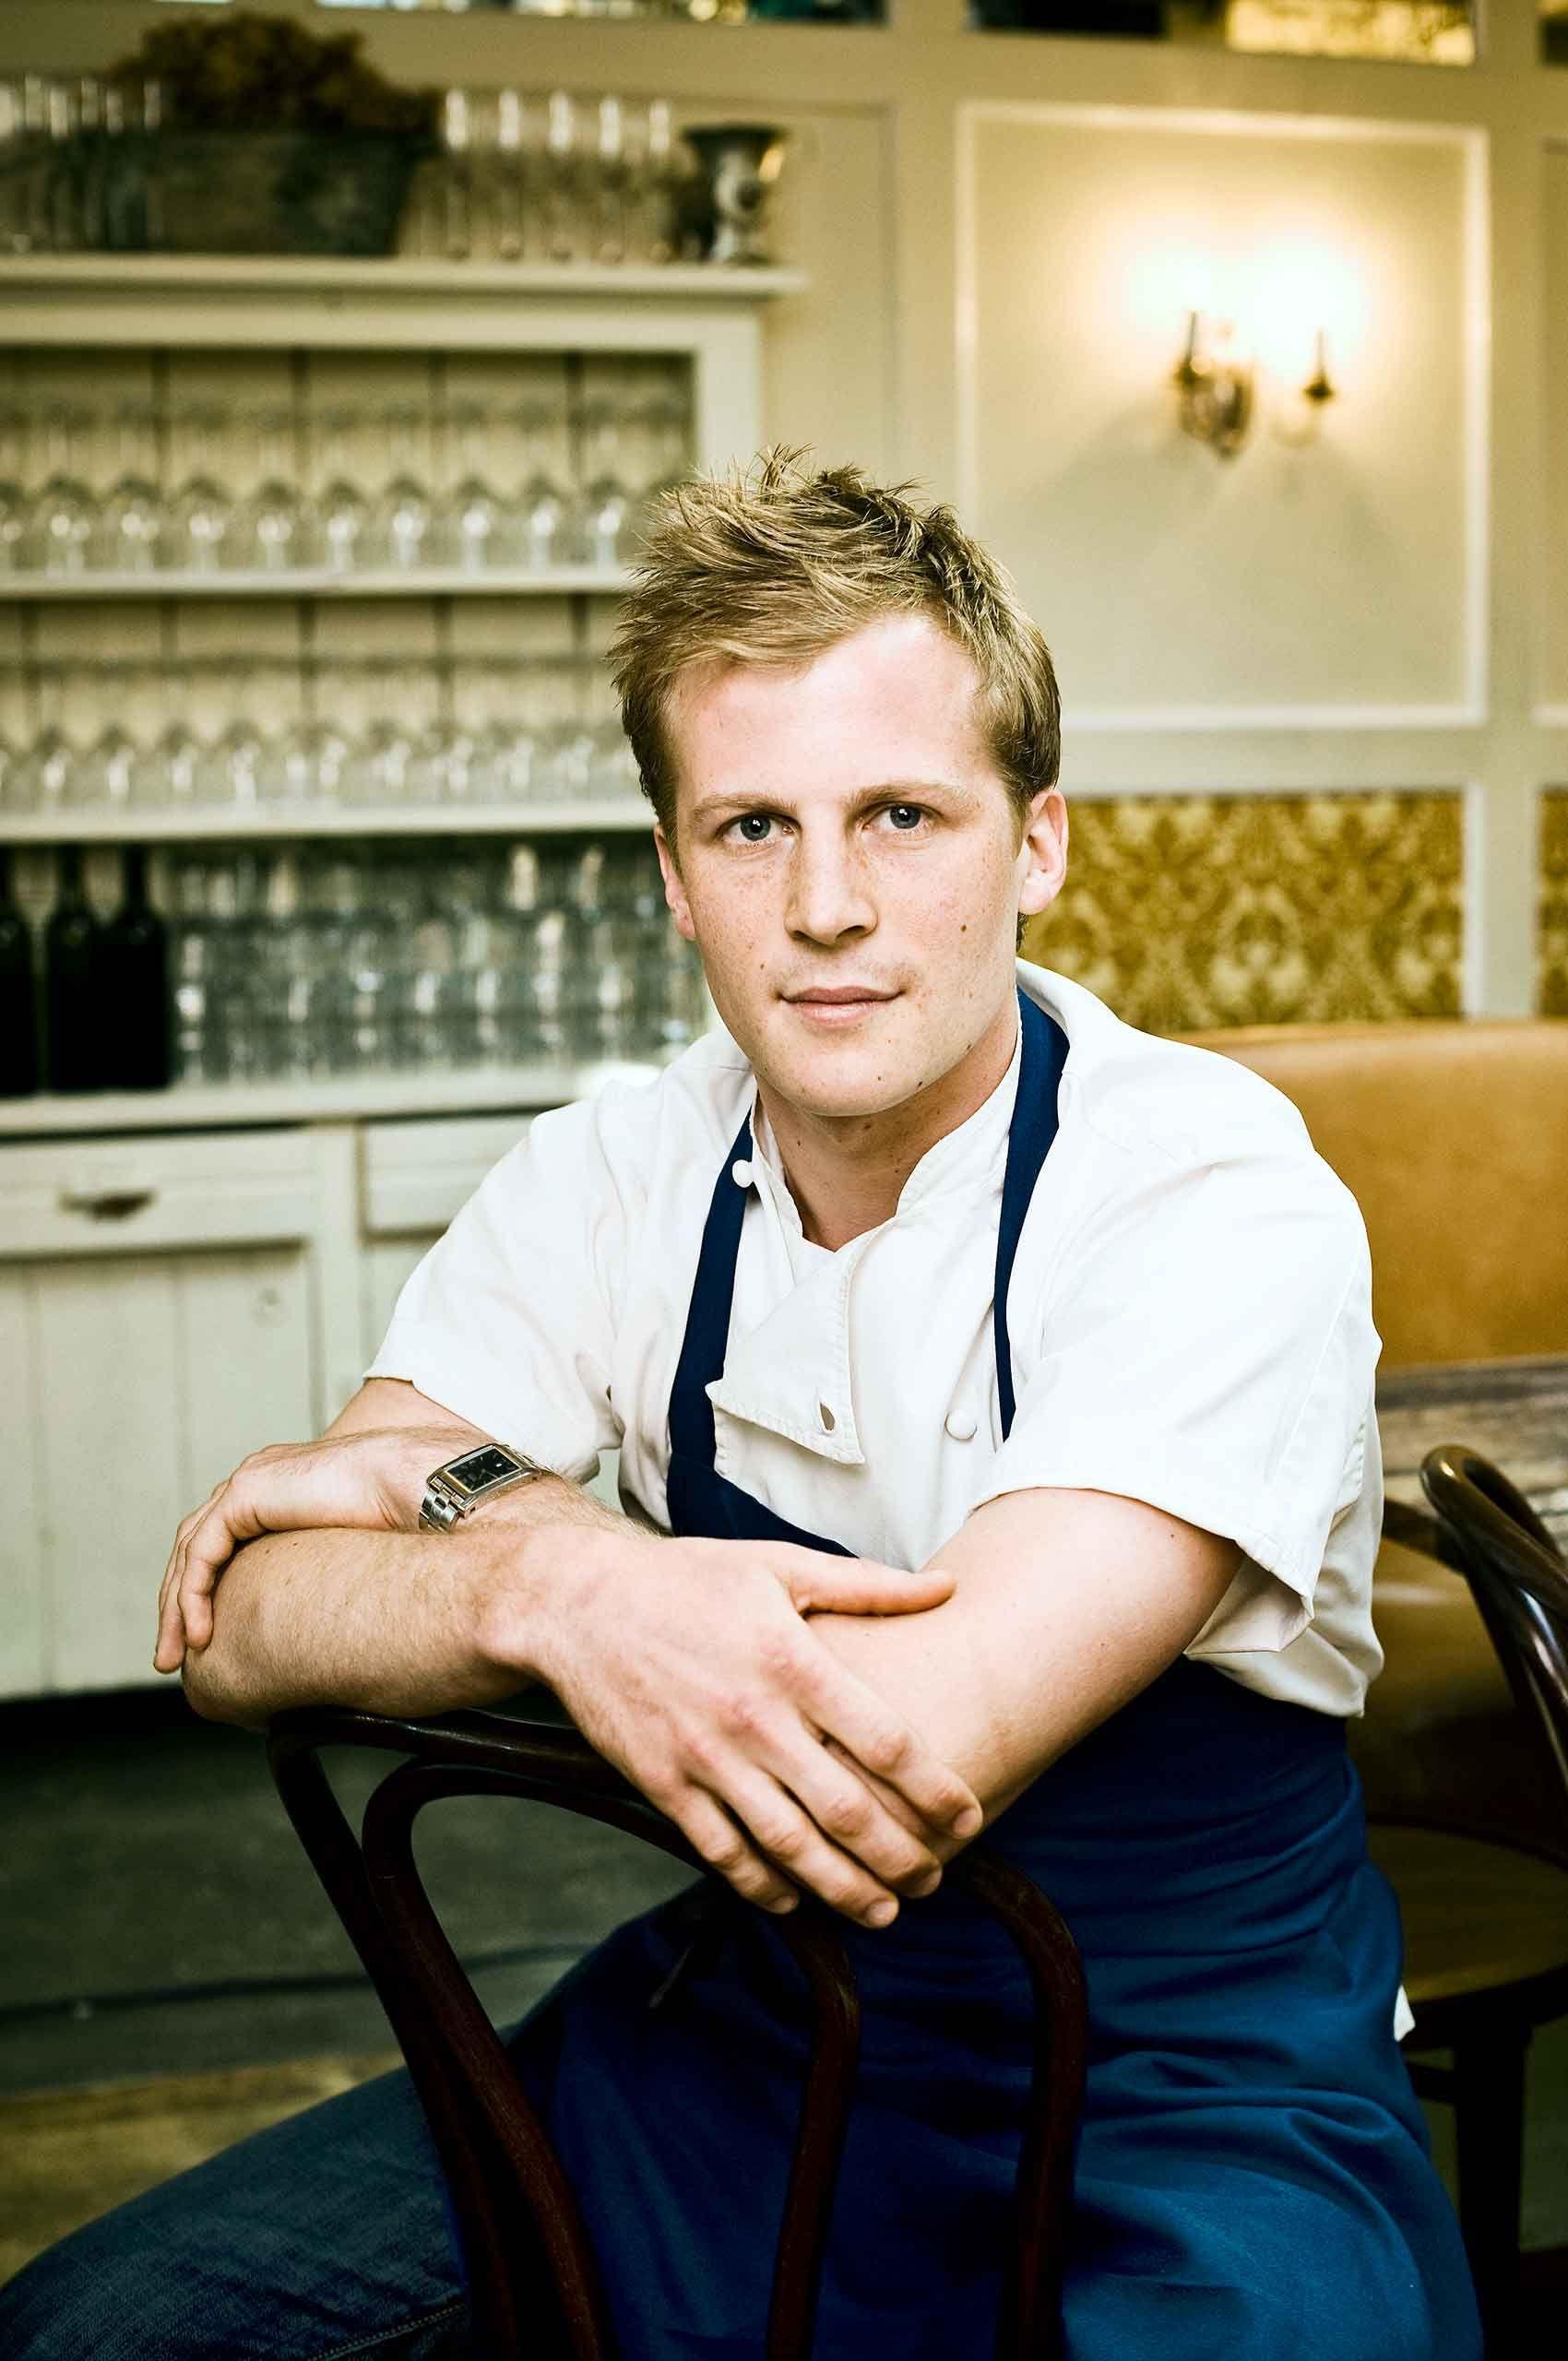 Chef-sitting-in-NewYorkRestraurant-by-HenrikOlundPhotography.jpg